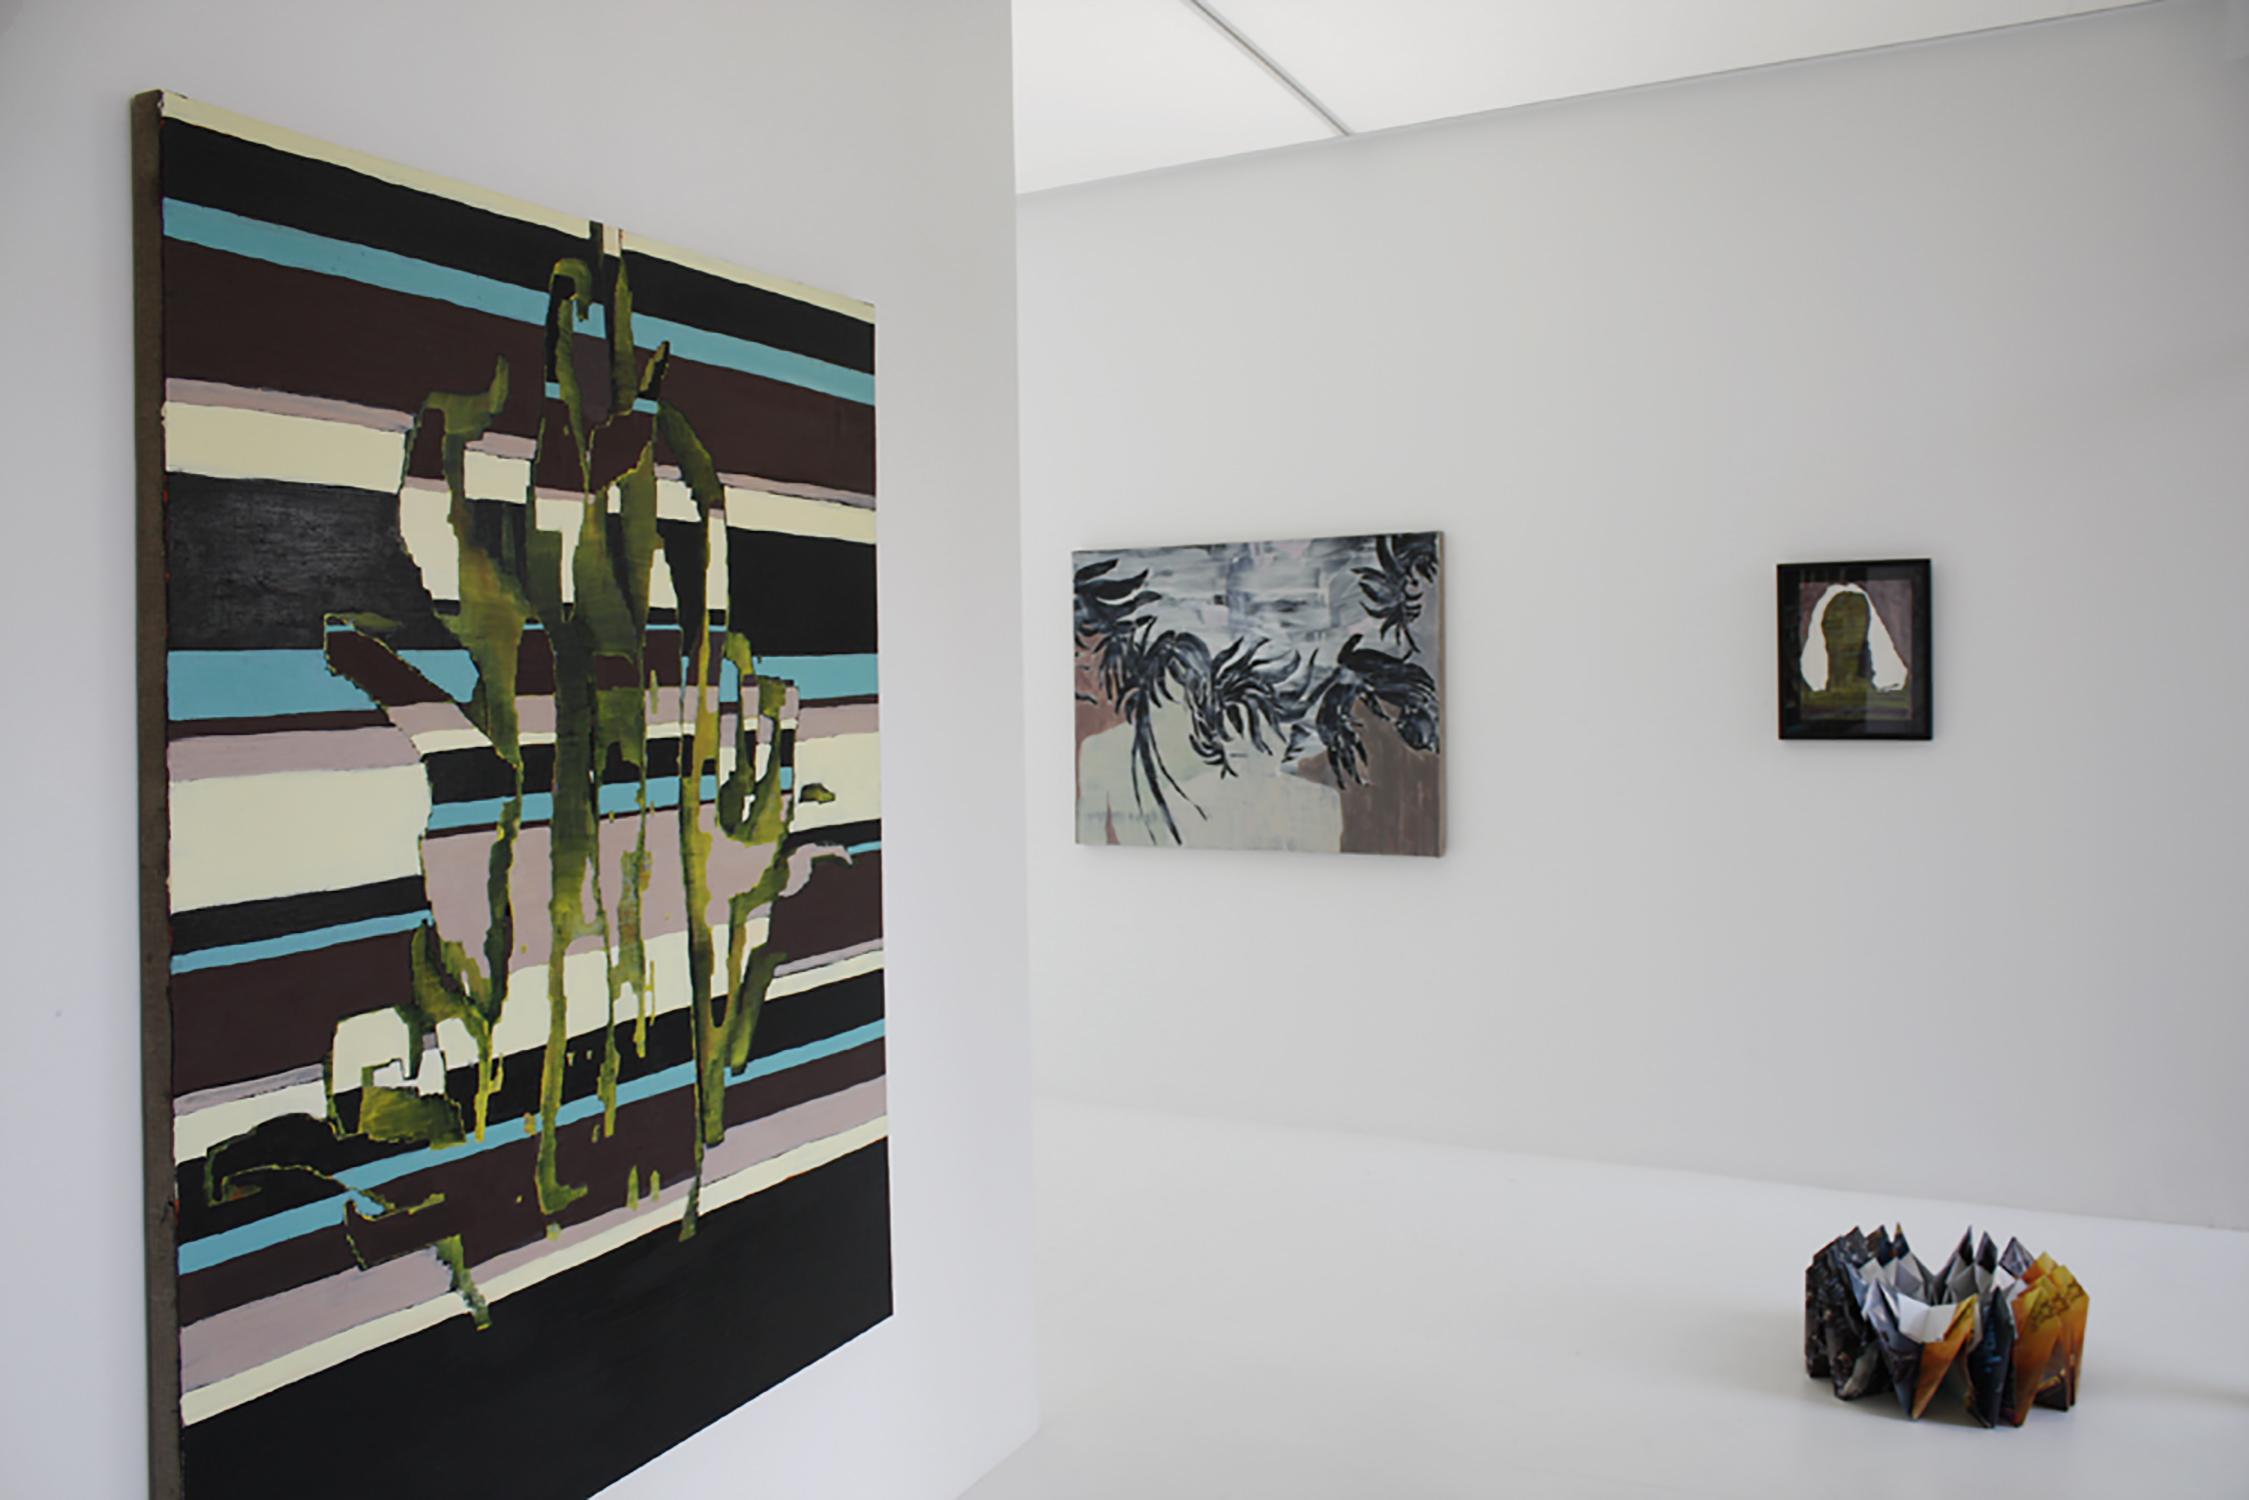 Truc-Anh_2008_Galerie-Albus-Lux_Saskia-de-Mare_03